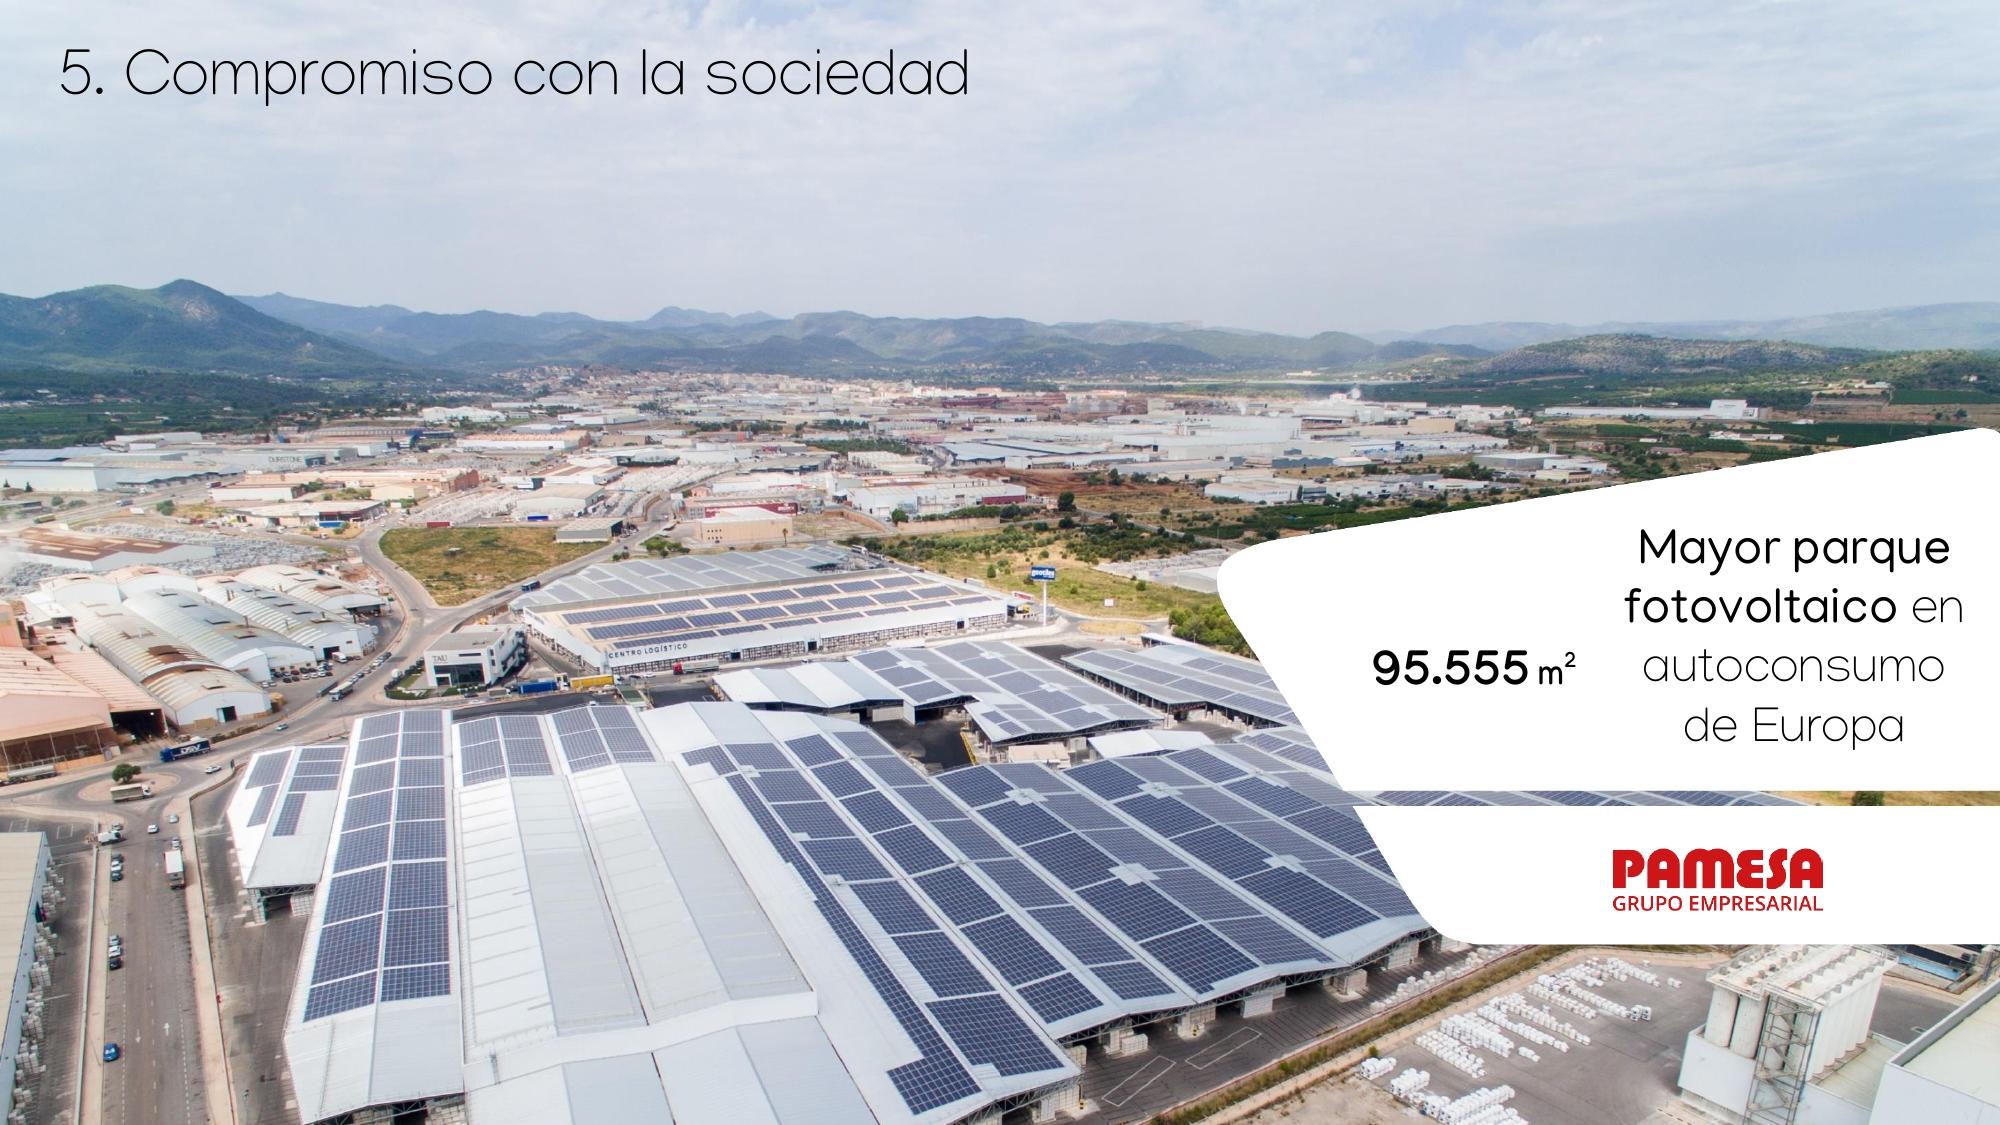 RESULTADOS_ pamesa_grupo_empresarial_page-0033